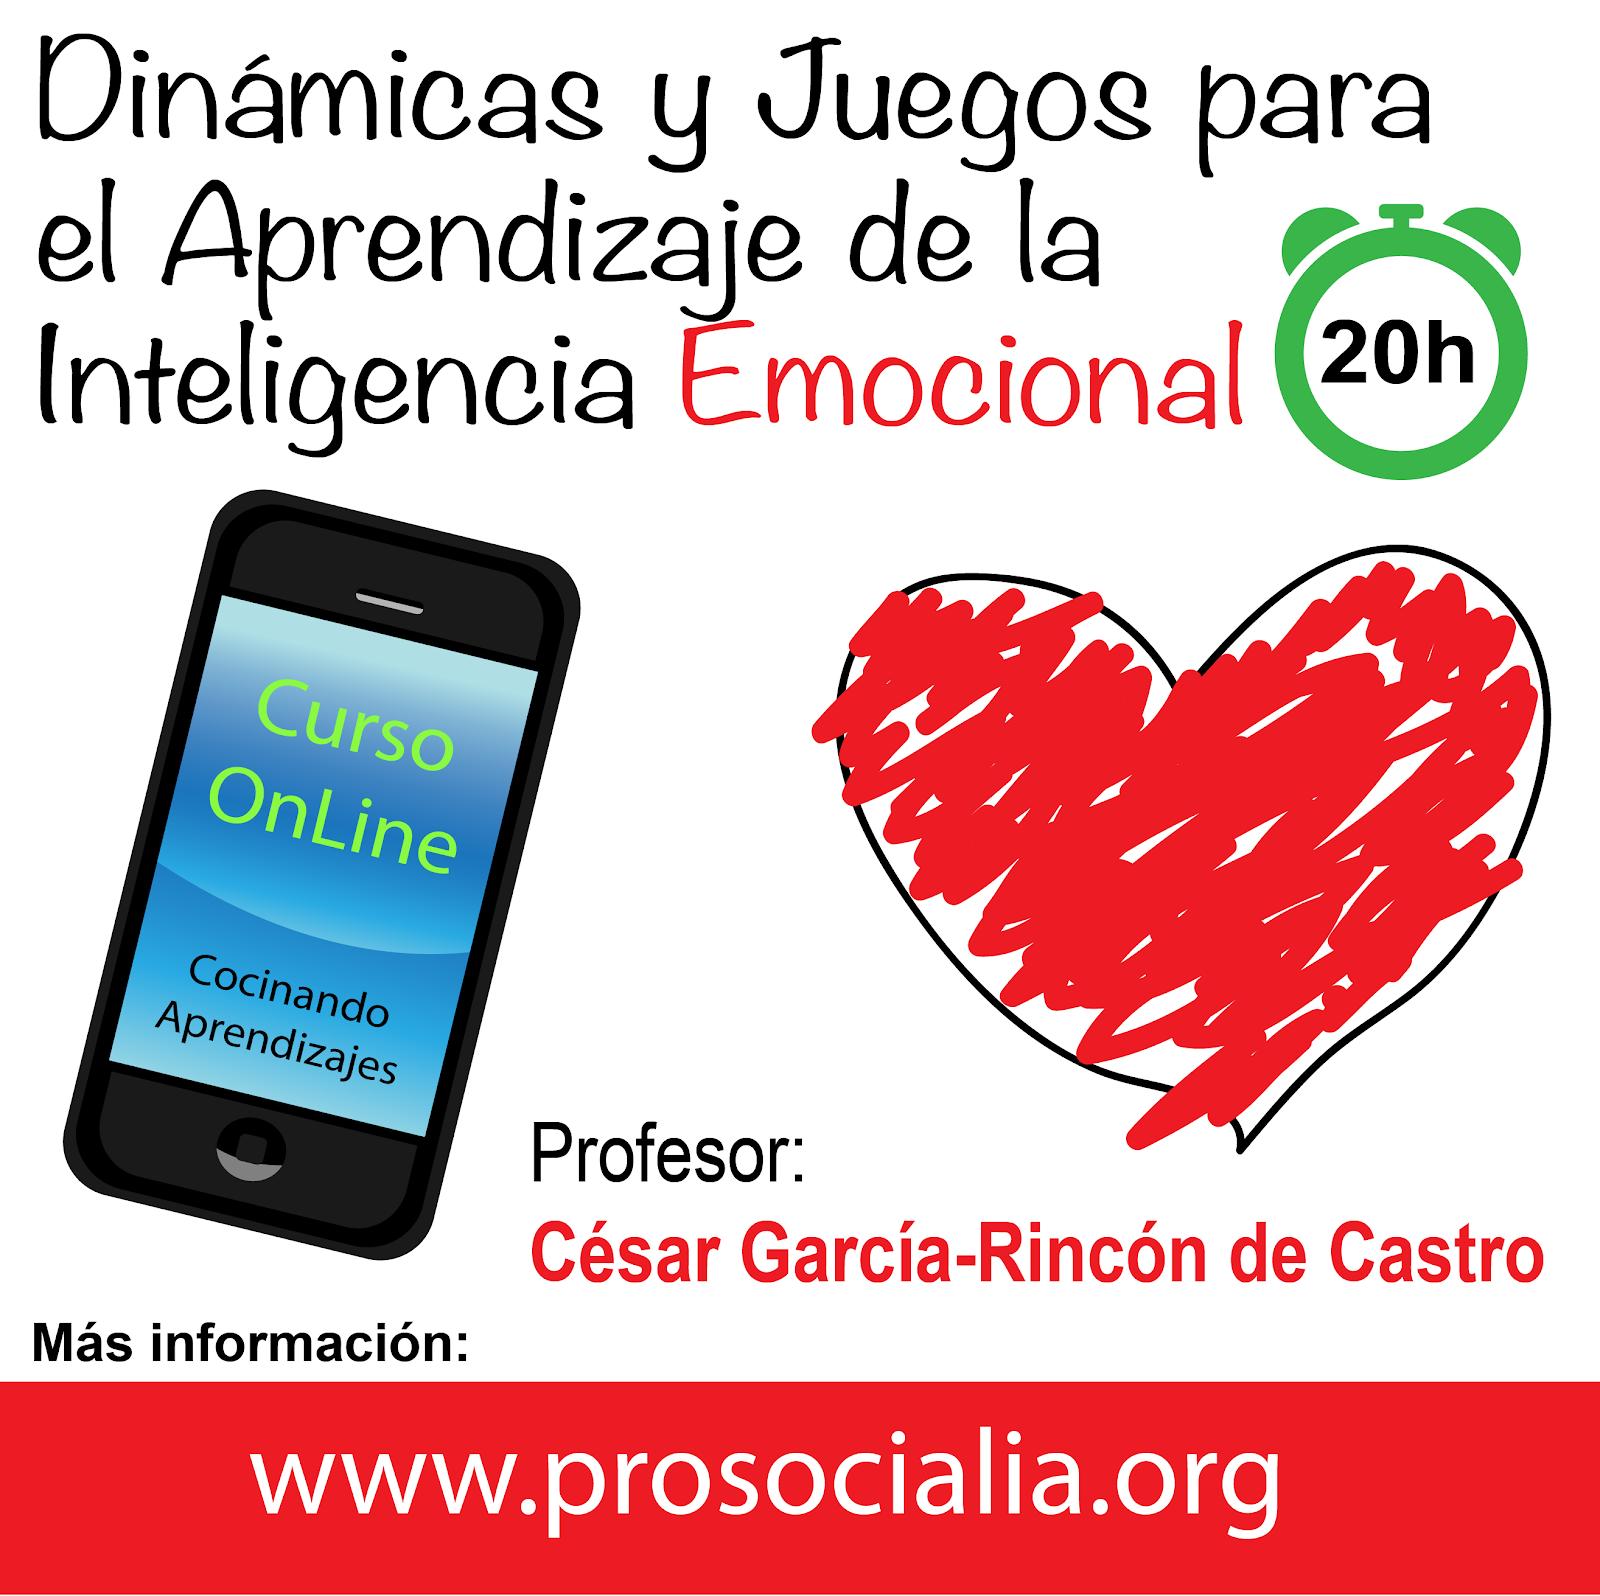 """NOVEDAD: Curso online """"Dinámicas y Juegos para el Aprendizaje de la Inteligencia Emocional"""""""